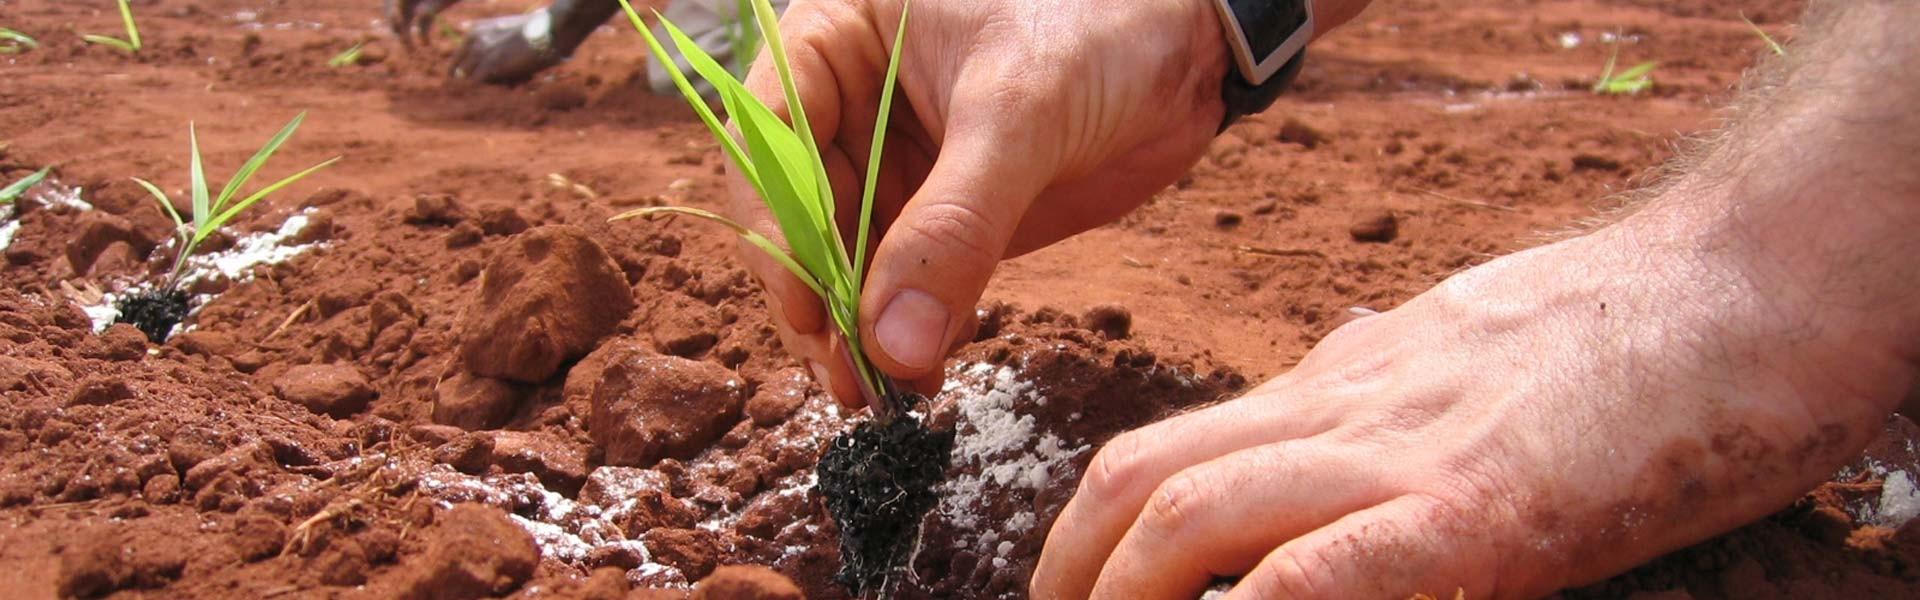 slide02-Horticultura-Ética